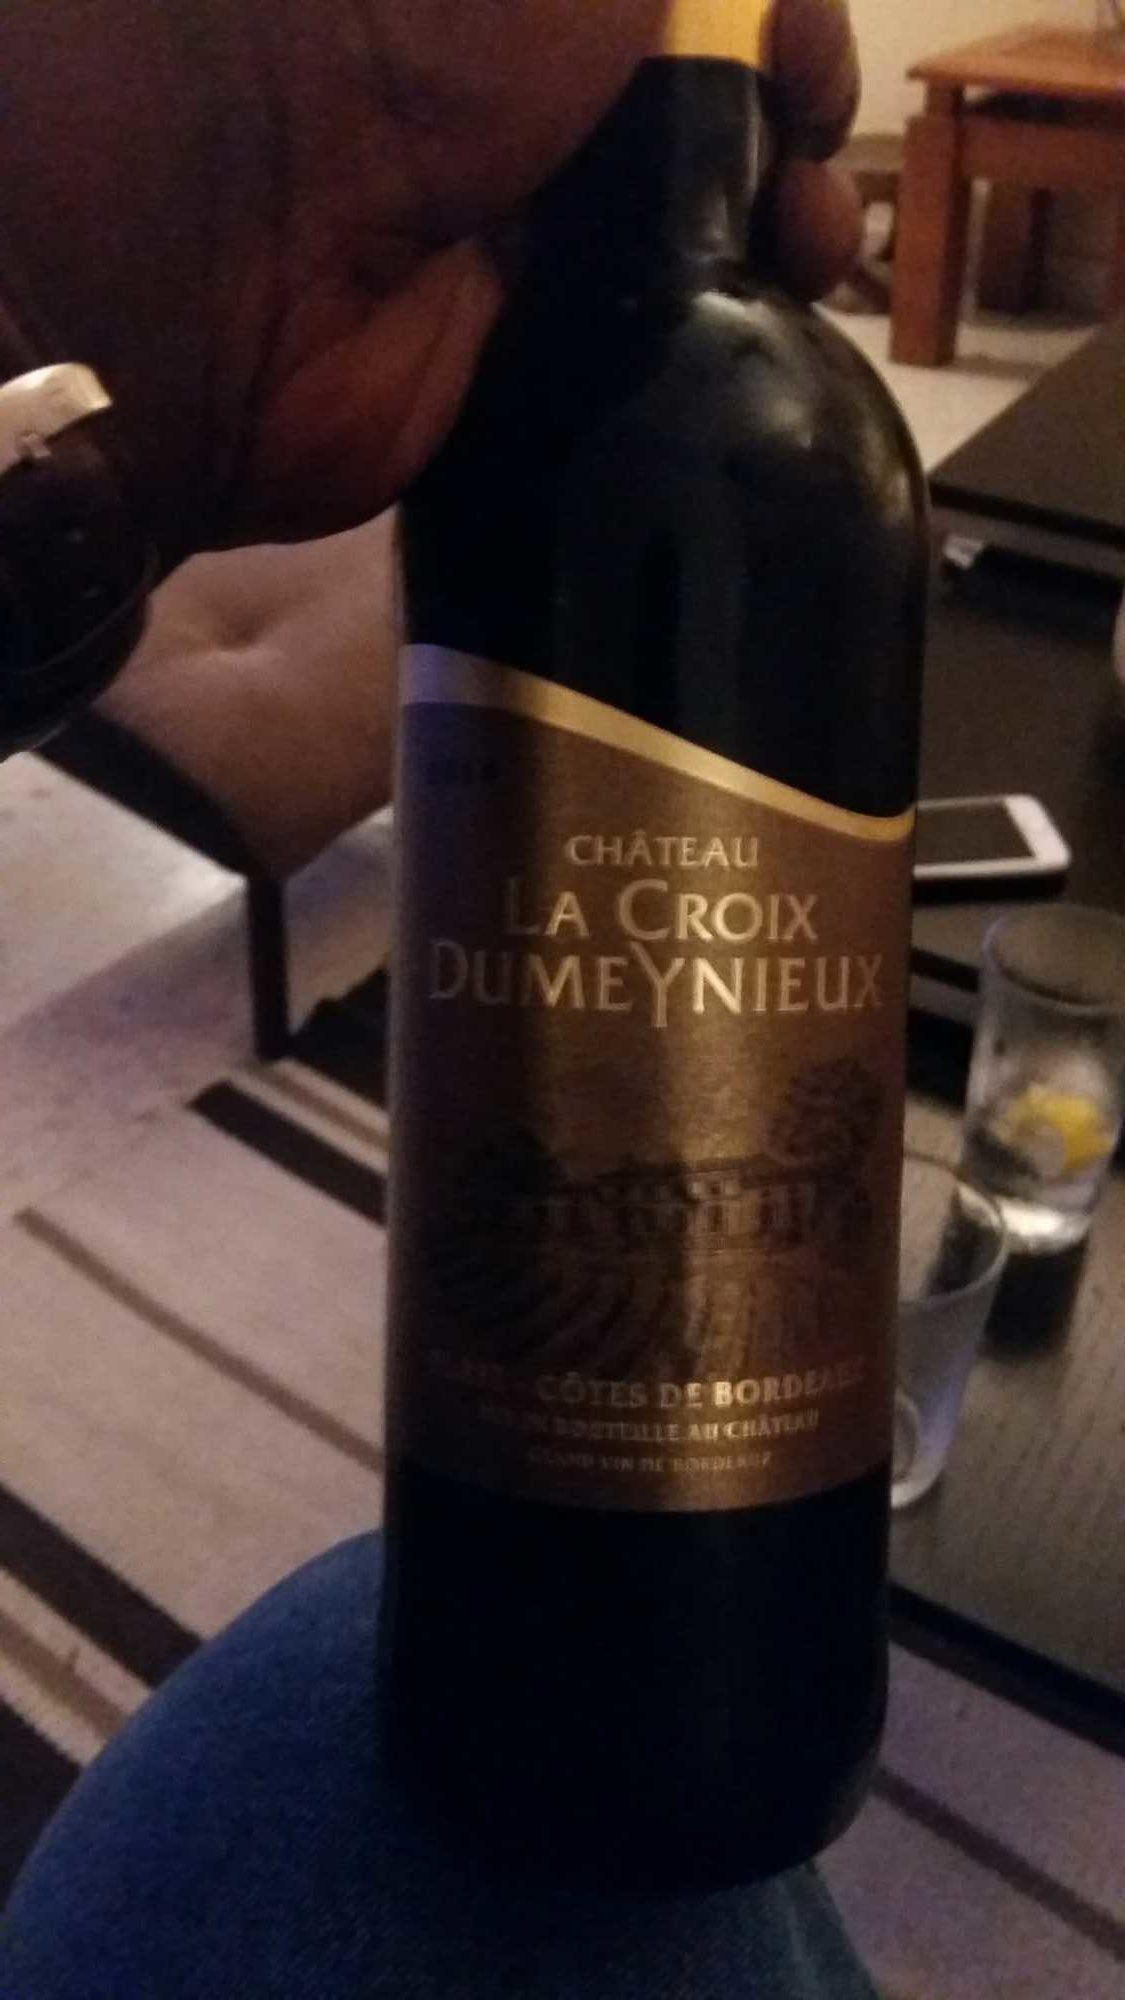 La croix dumeynieux - Produit - fr